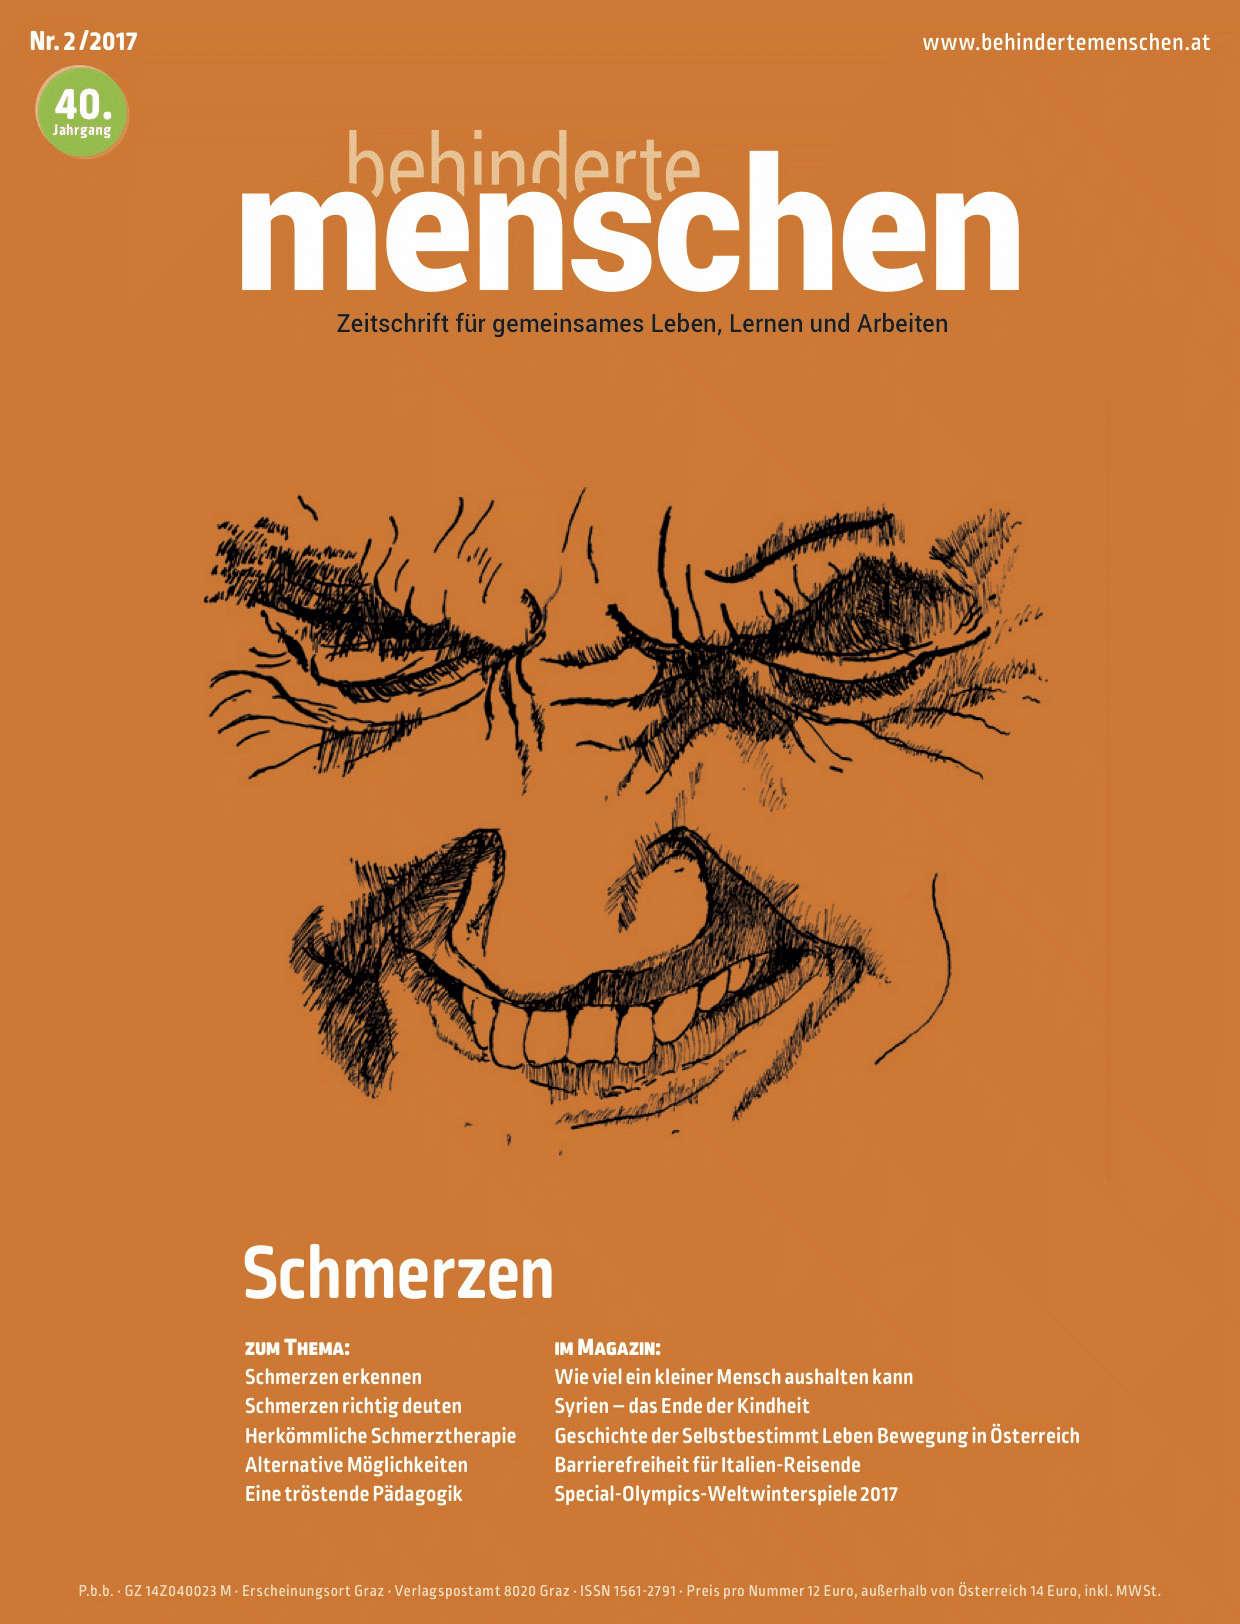 """Titelbild der Zeitschrift BEHINDERTE MENSCHEN, Ausgabe 2/2017 """"Schmerzen"""""""